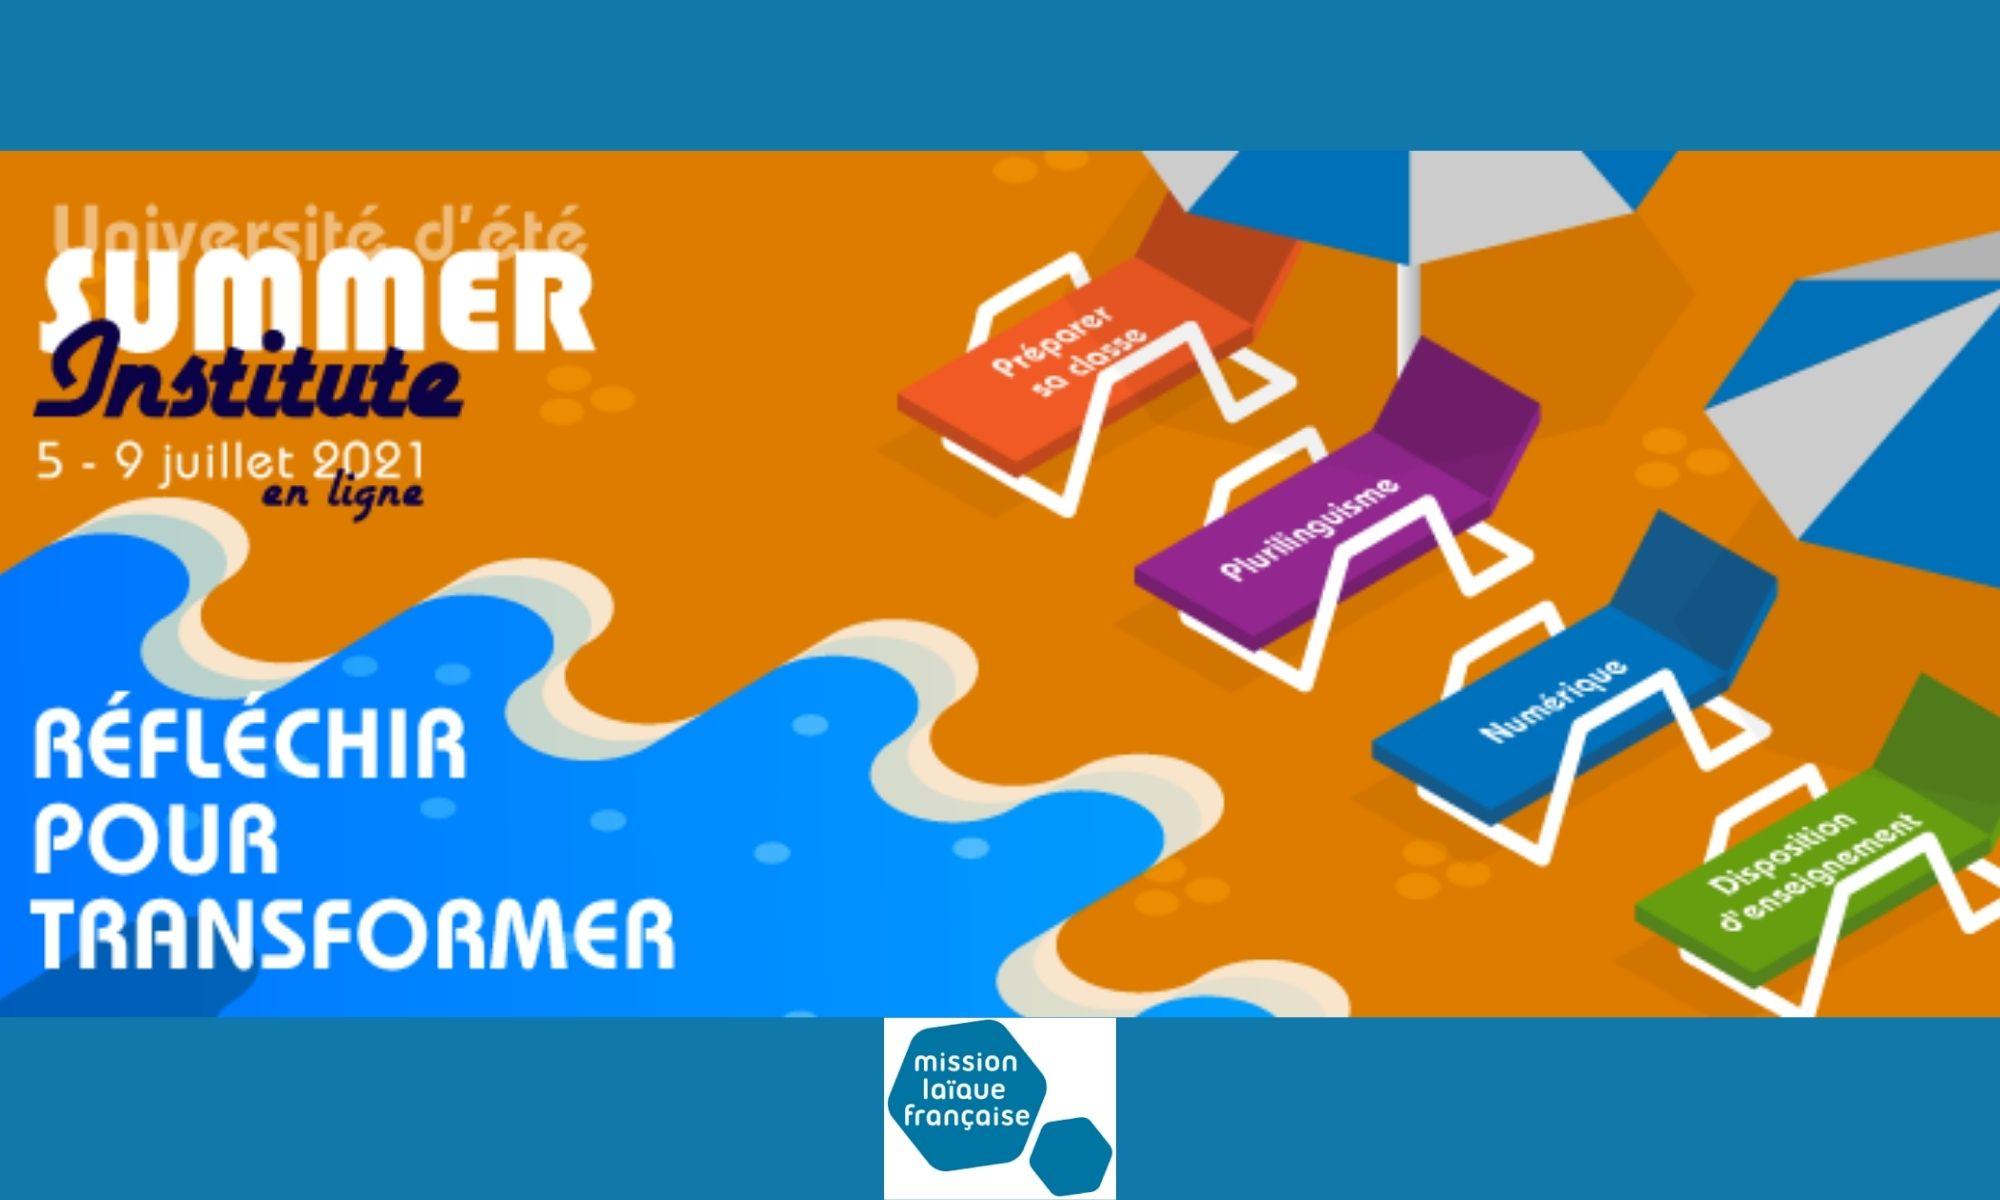 La Mission laïque française organise un programme universitaire d'été du 5 au 9 juillet